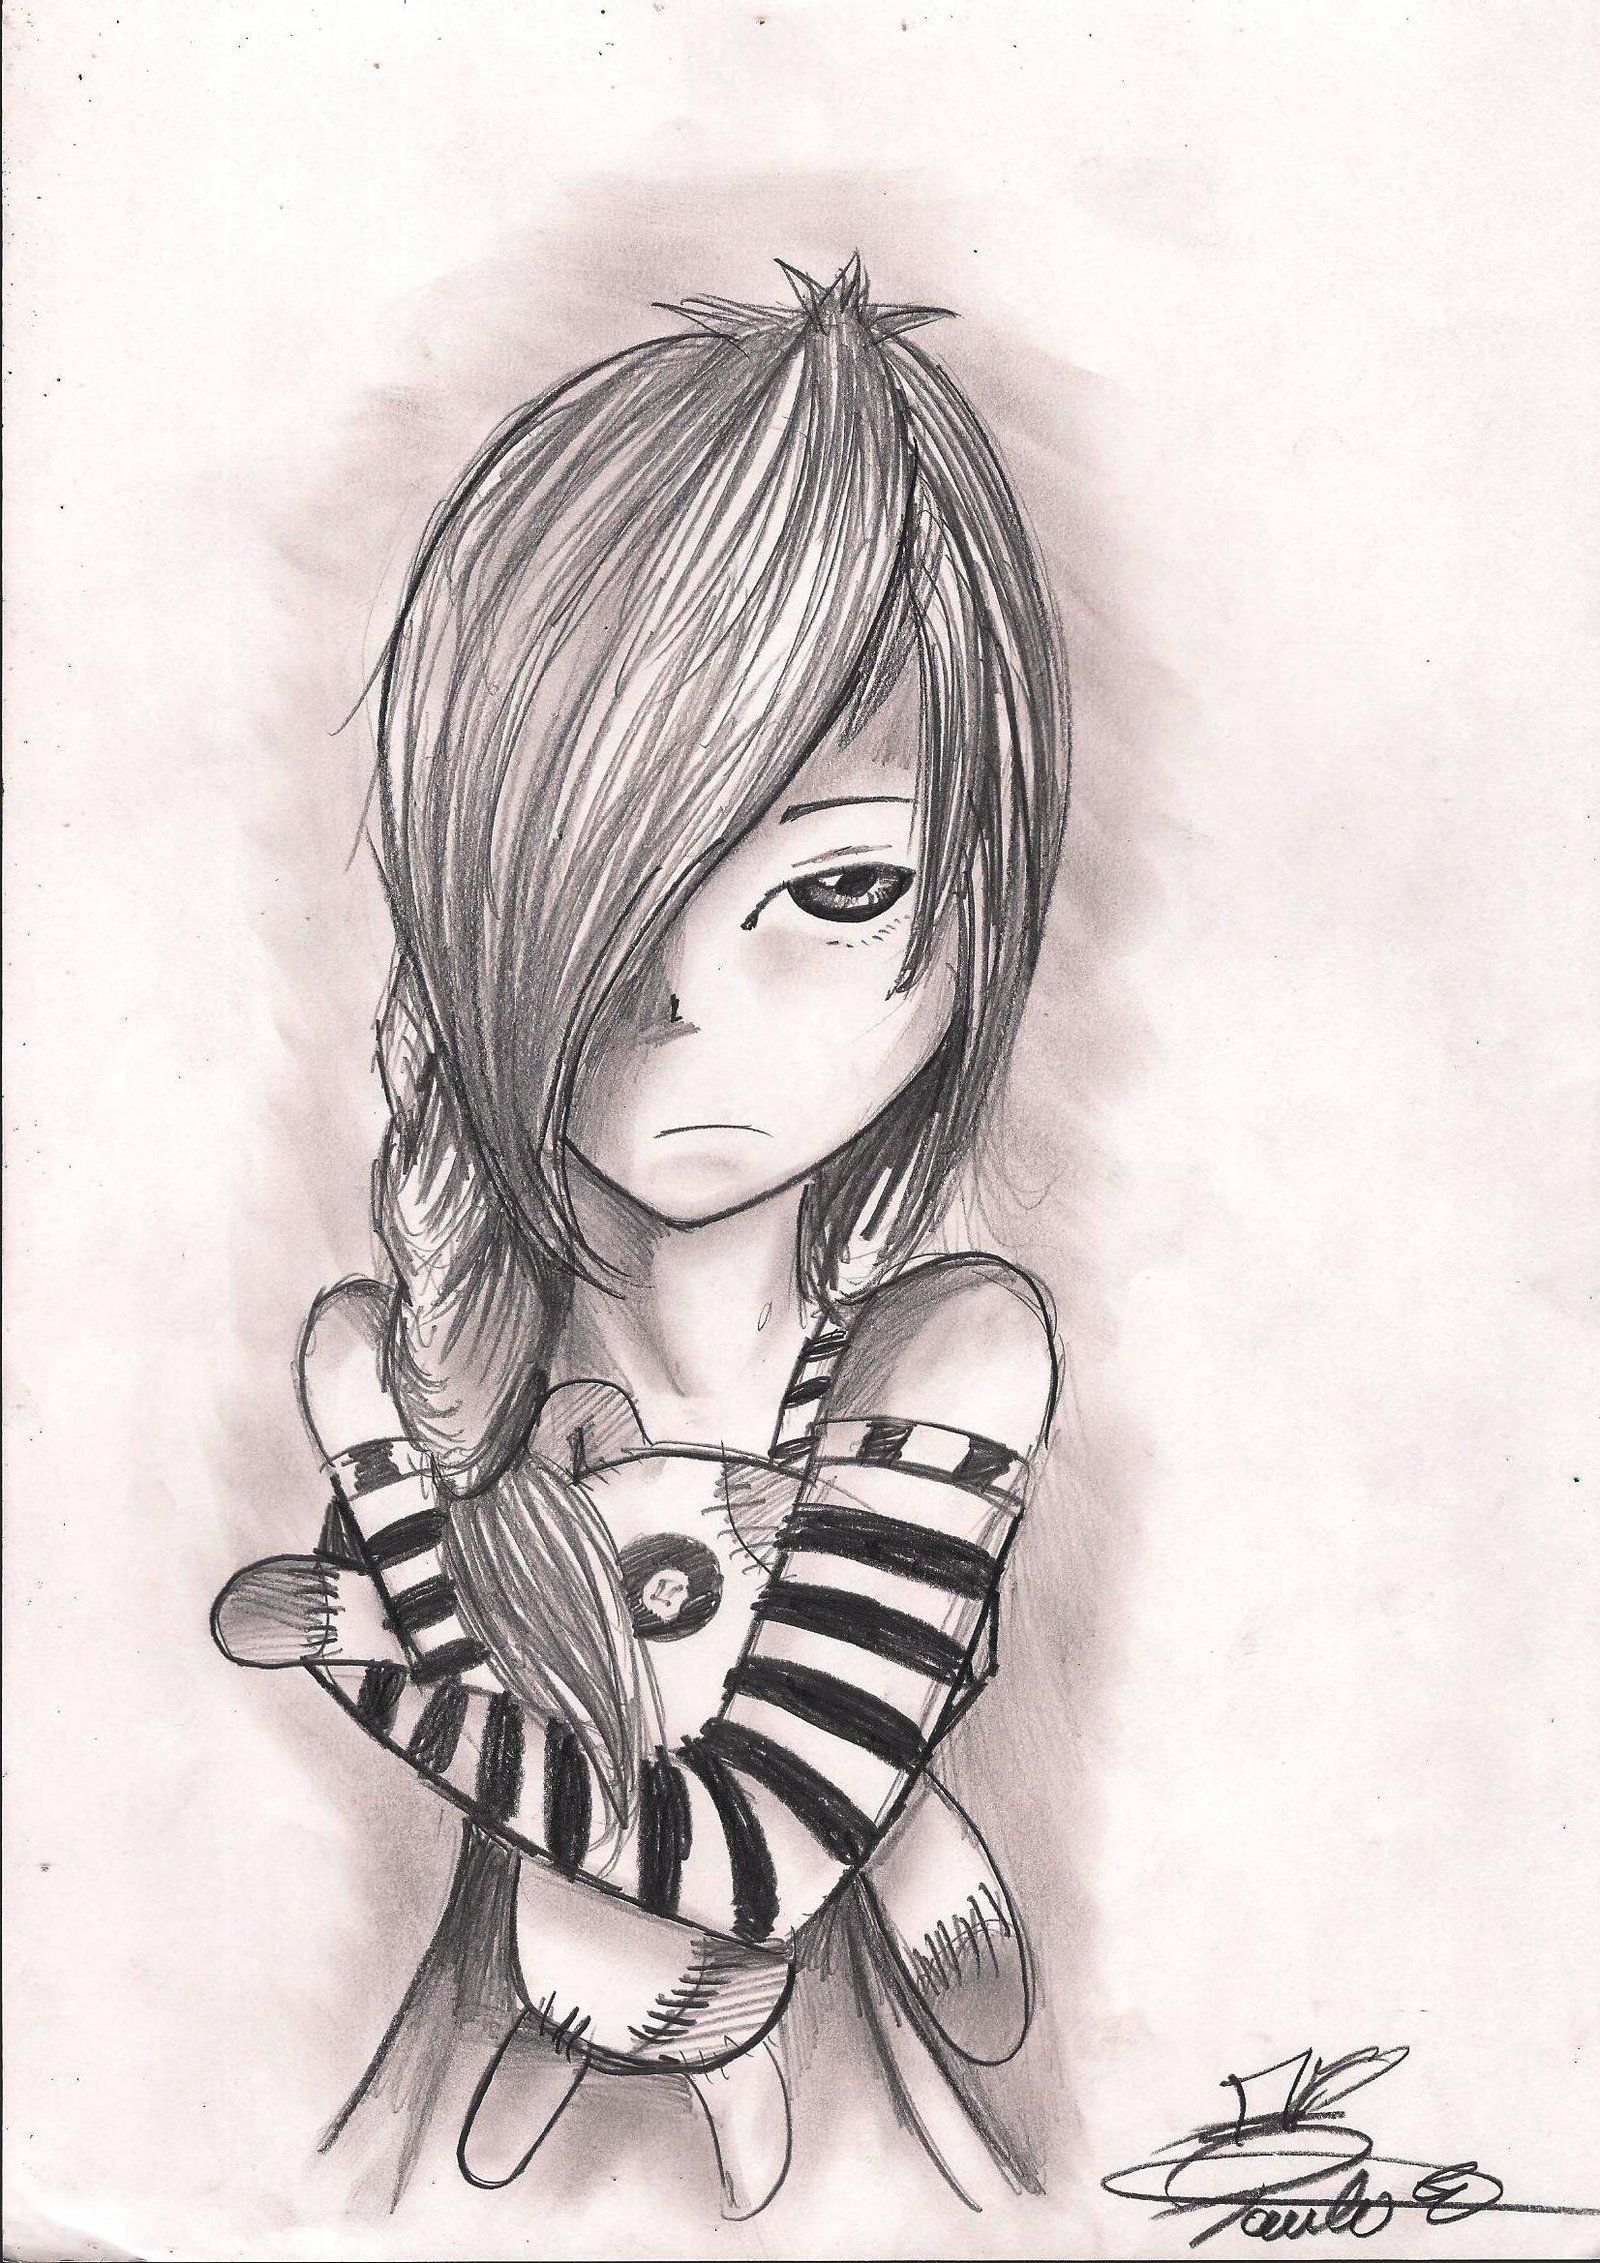 manga drawing - Google Search | Manga and Drawing Inspiration ...